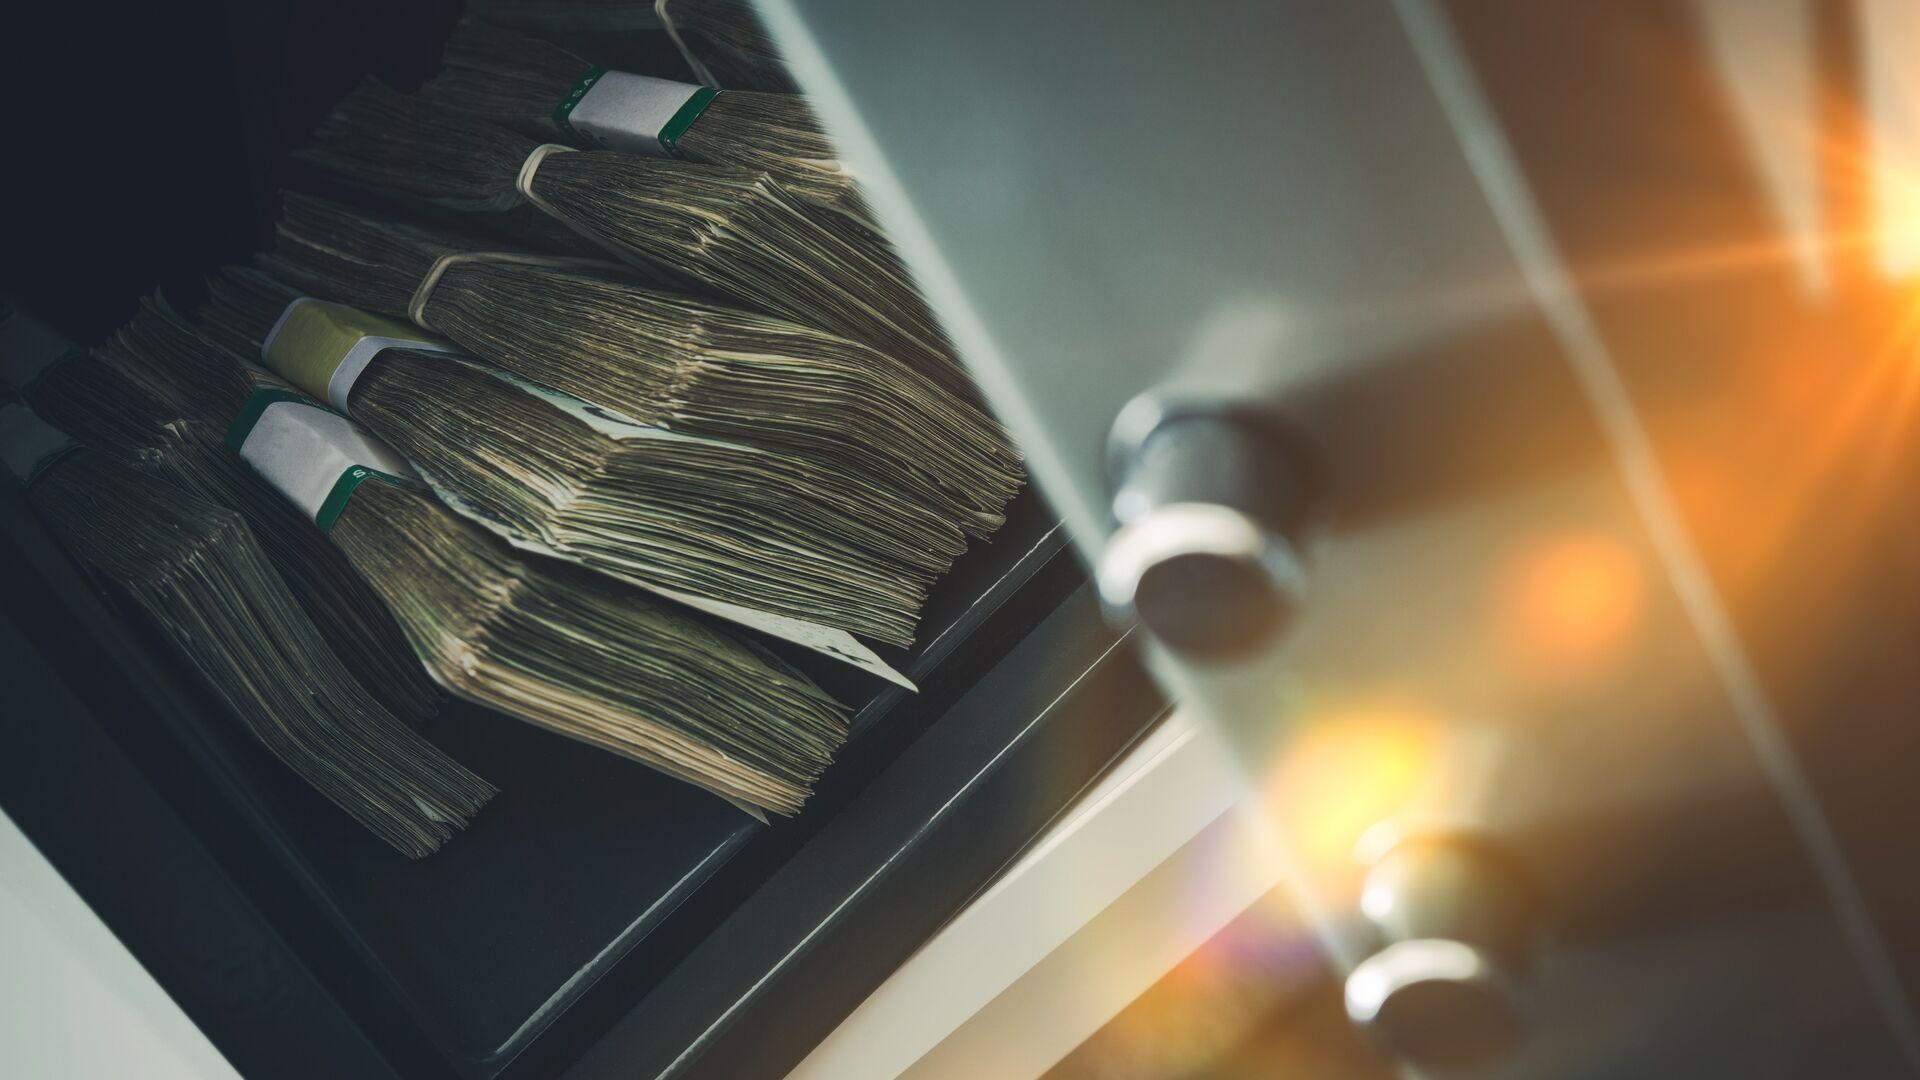 Деньги в банковском хранилище - РИА Новости, 1920, 07.10.2020